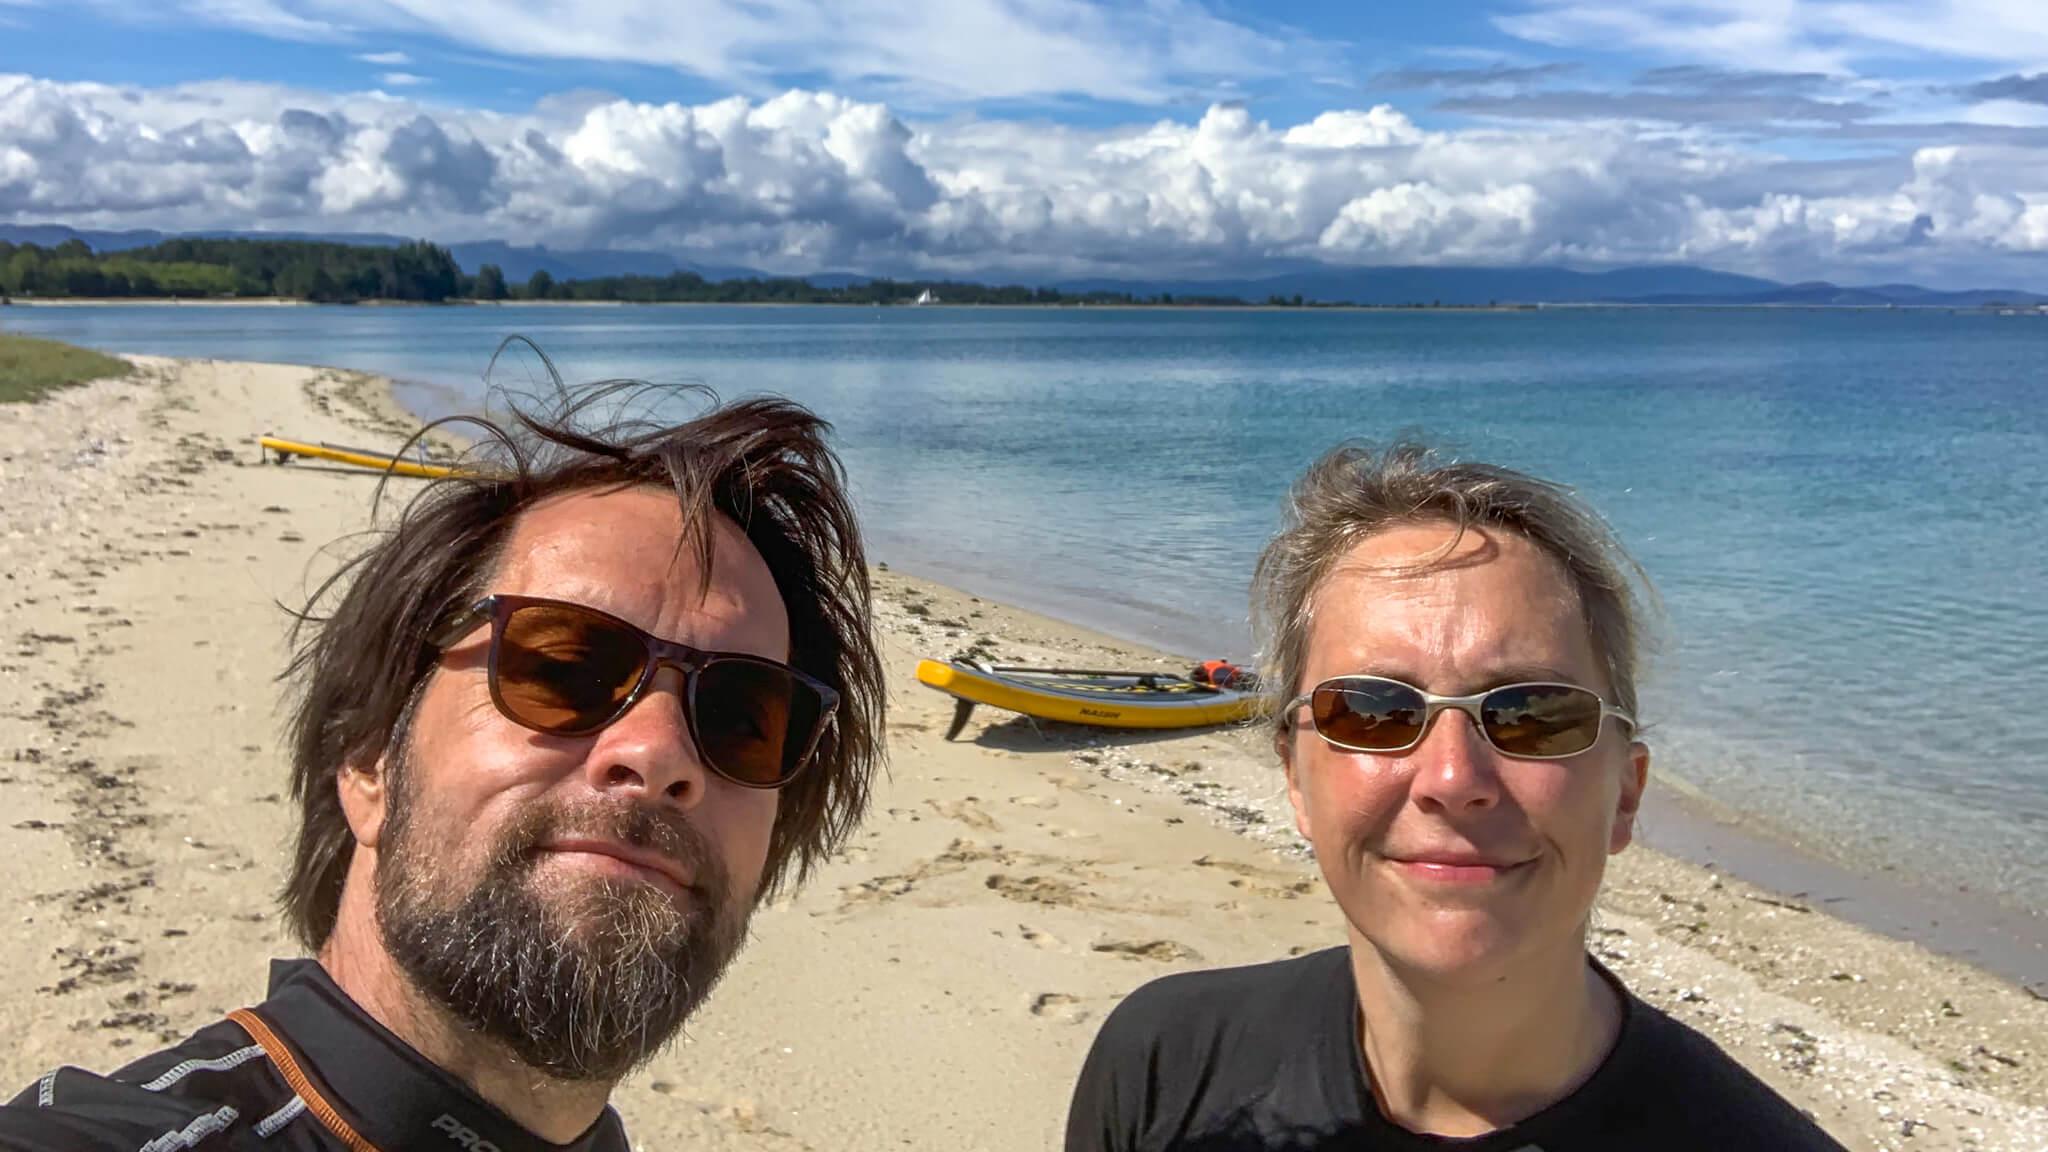 NIESMANN+BISCHOFF - Arto - Stranddeko - Reisemobil und SUP